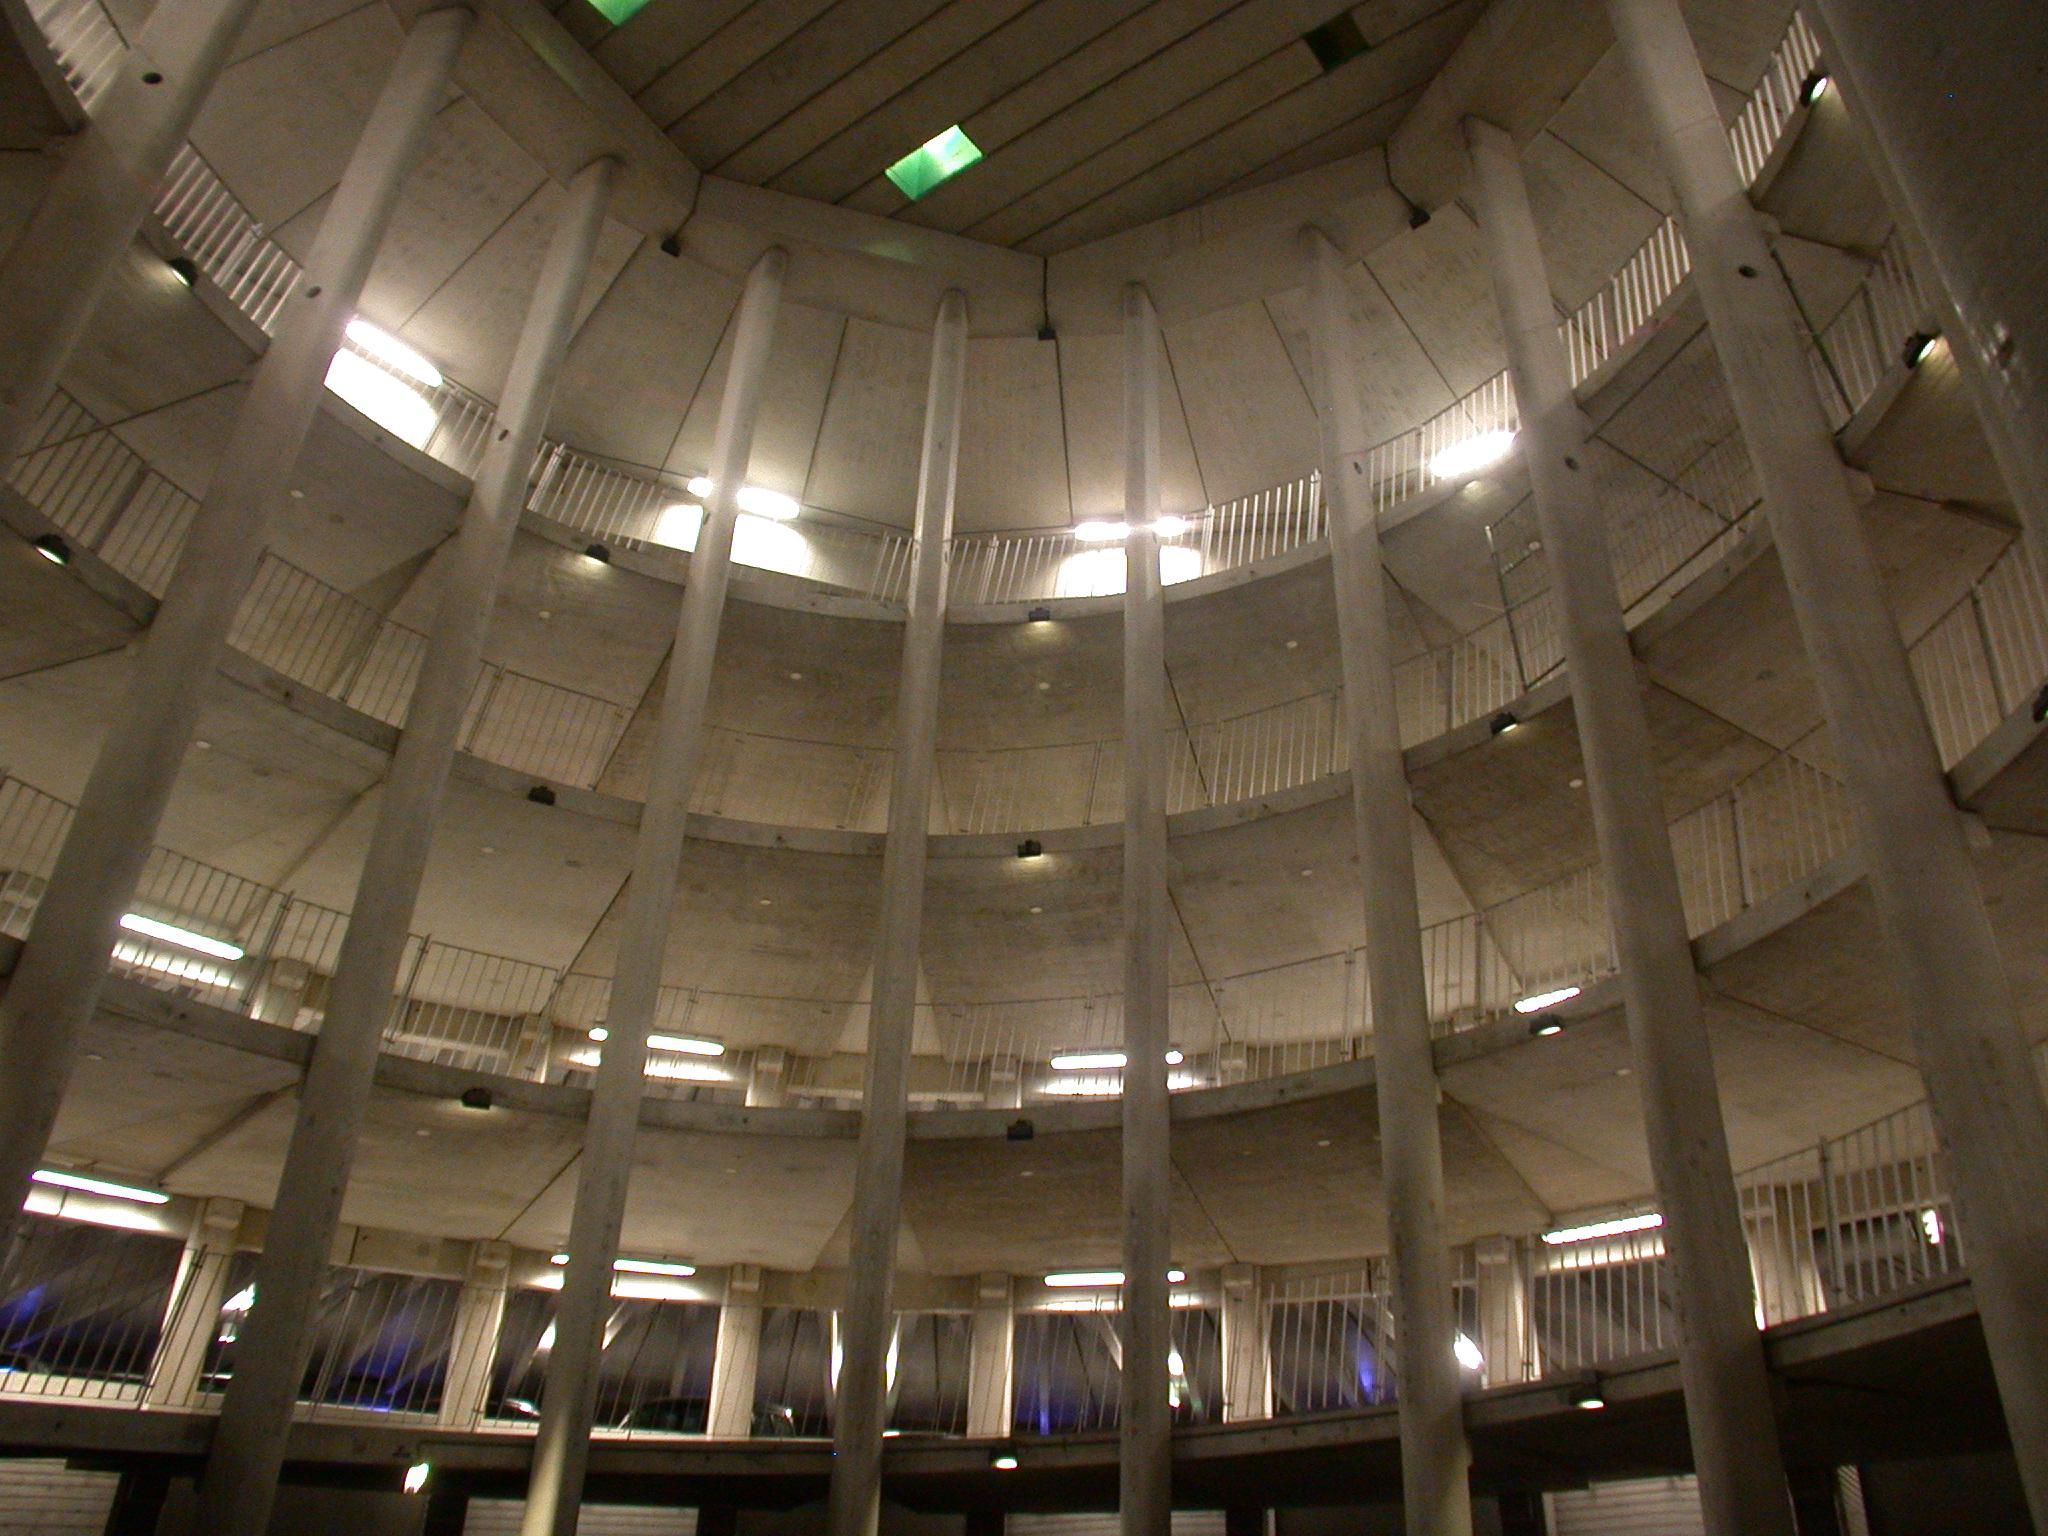 architecture interiors parkinglot parking carpark dome concrete spiral